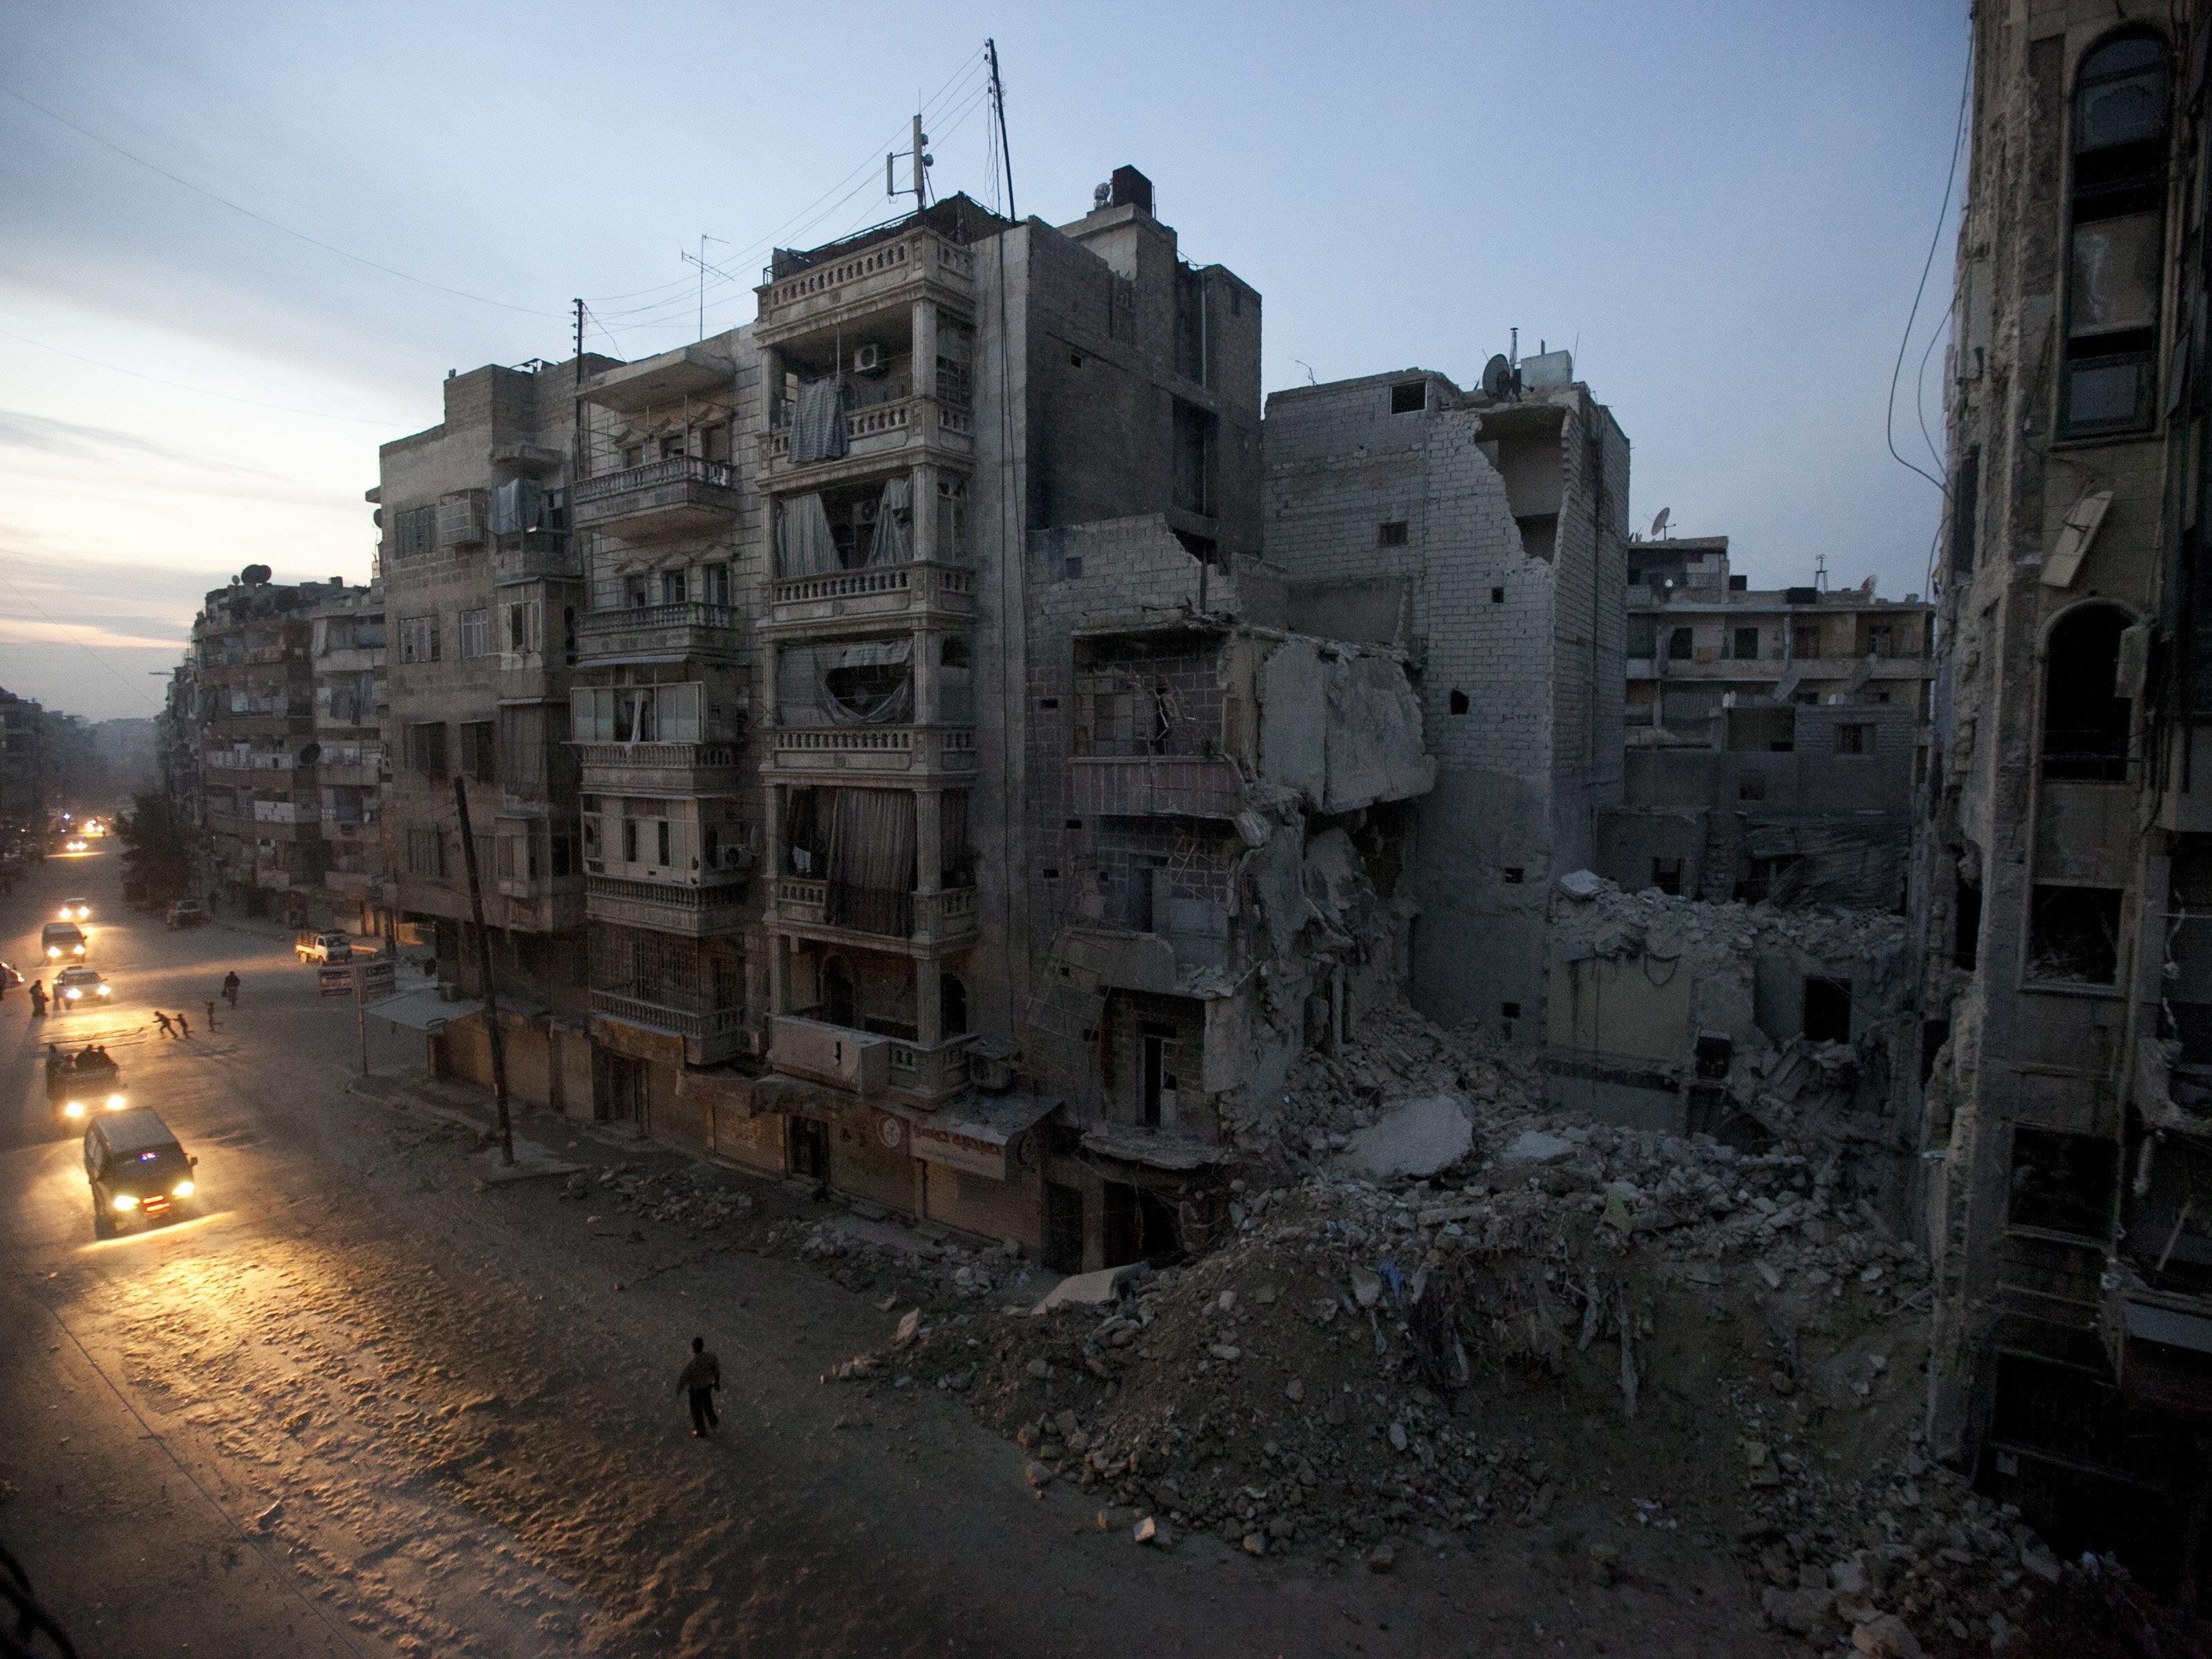 Staatsfernsehen berichtet von Dutzenden Toten und Verletzten nach Raketenangriff durch Rebellen.